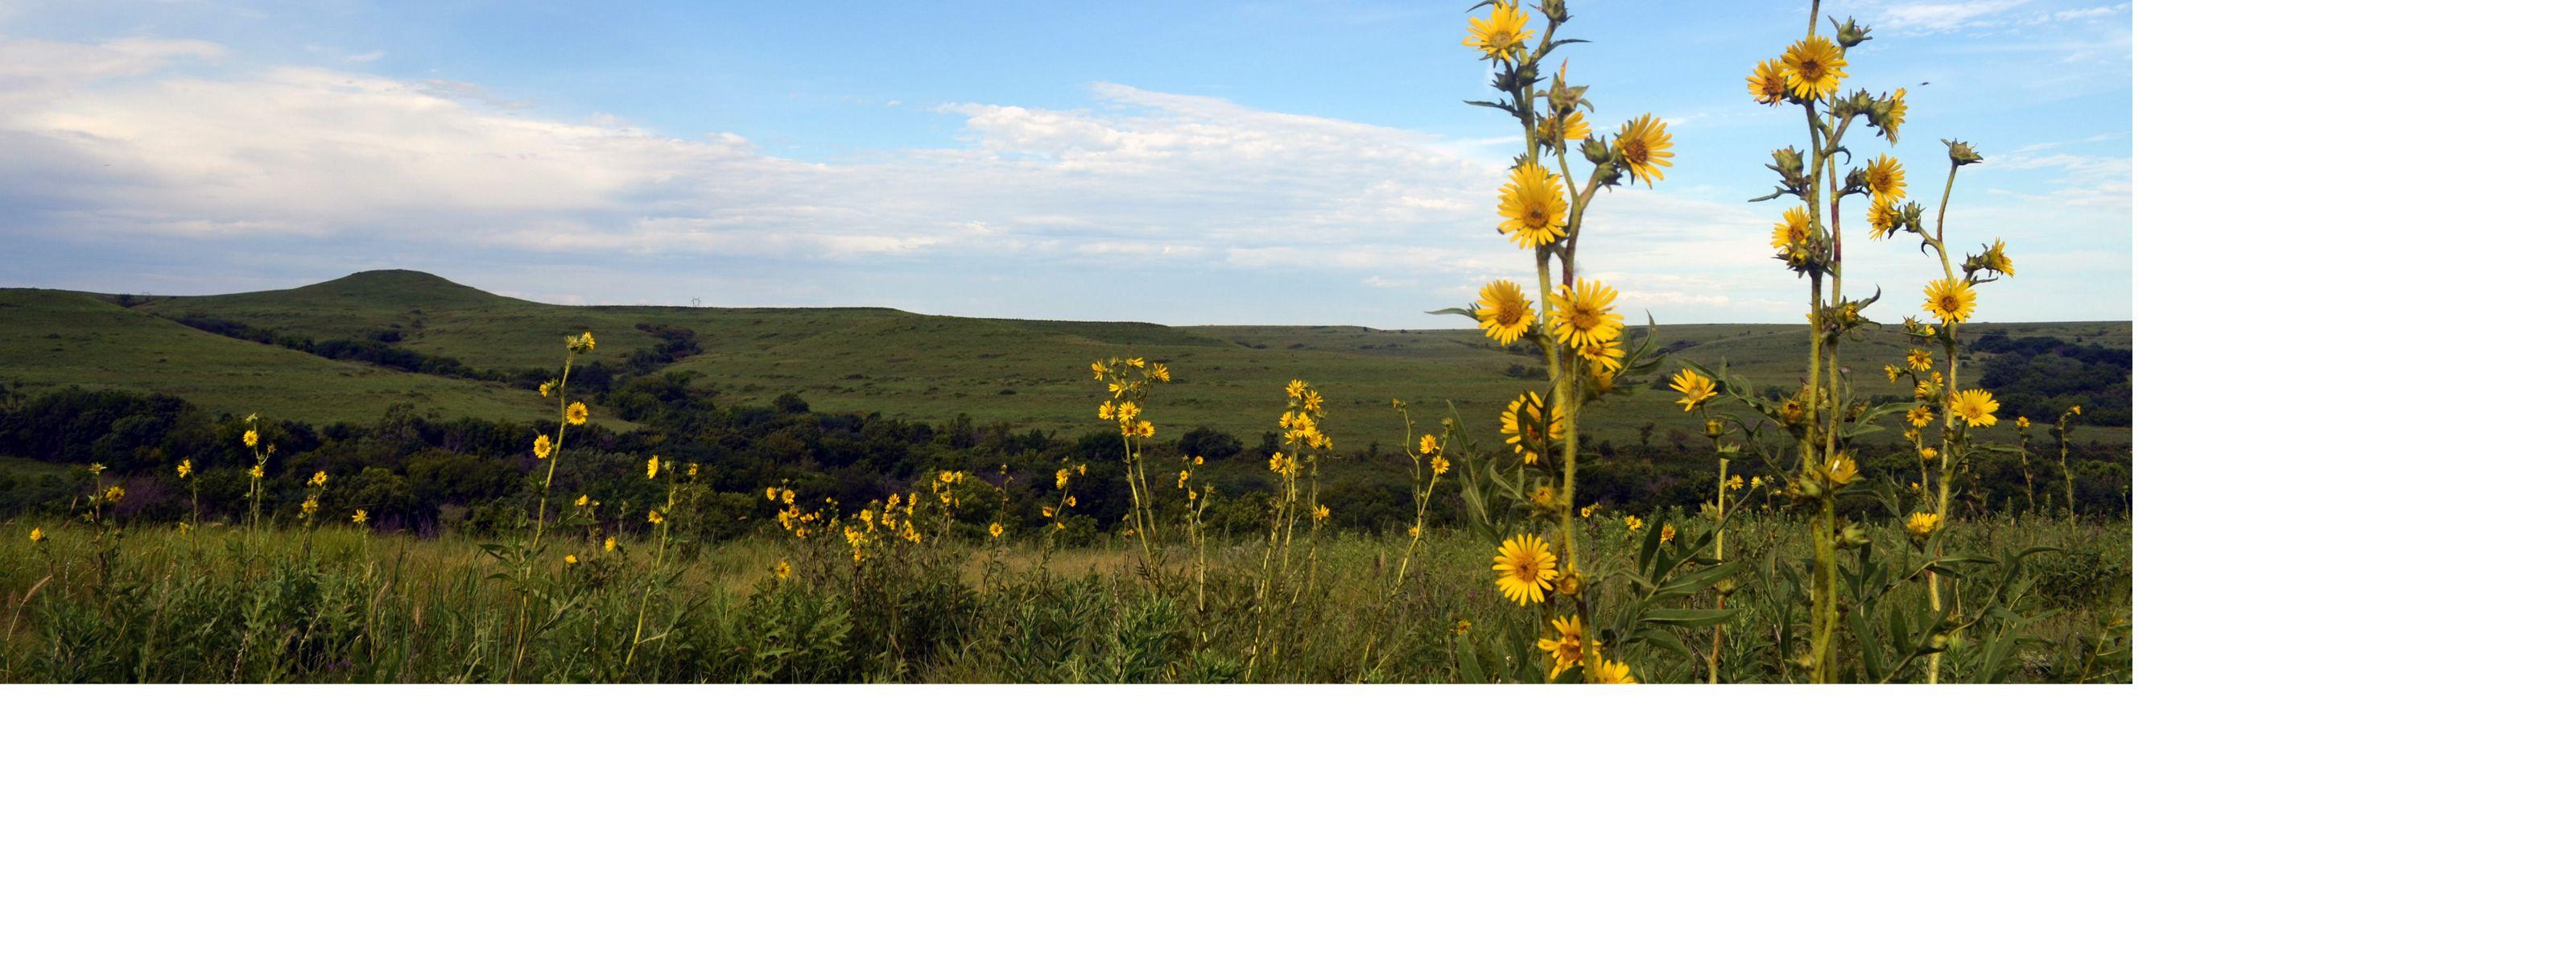 over tallgrass prairie as far as the eye can see.